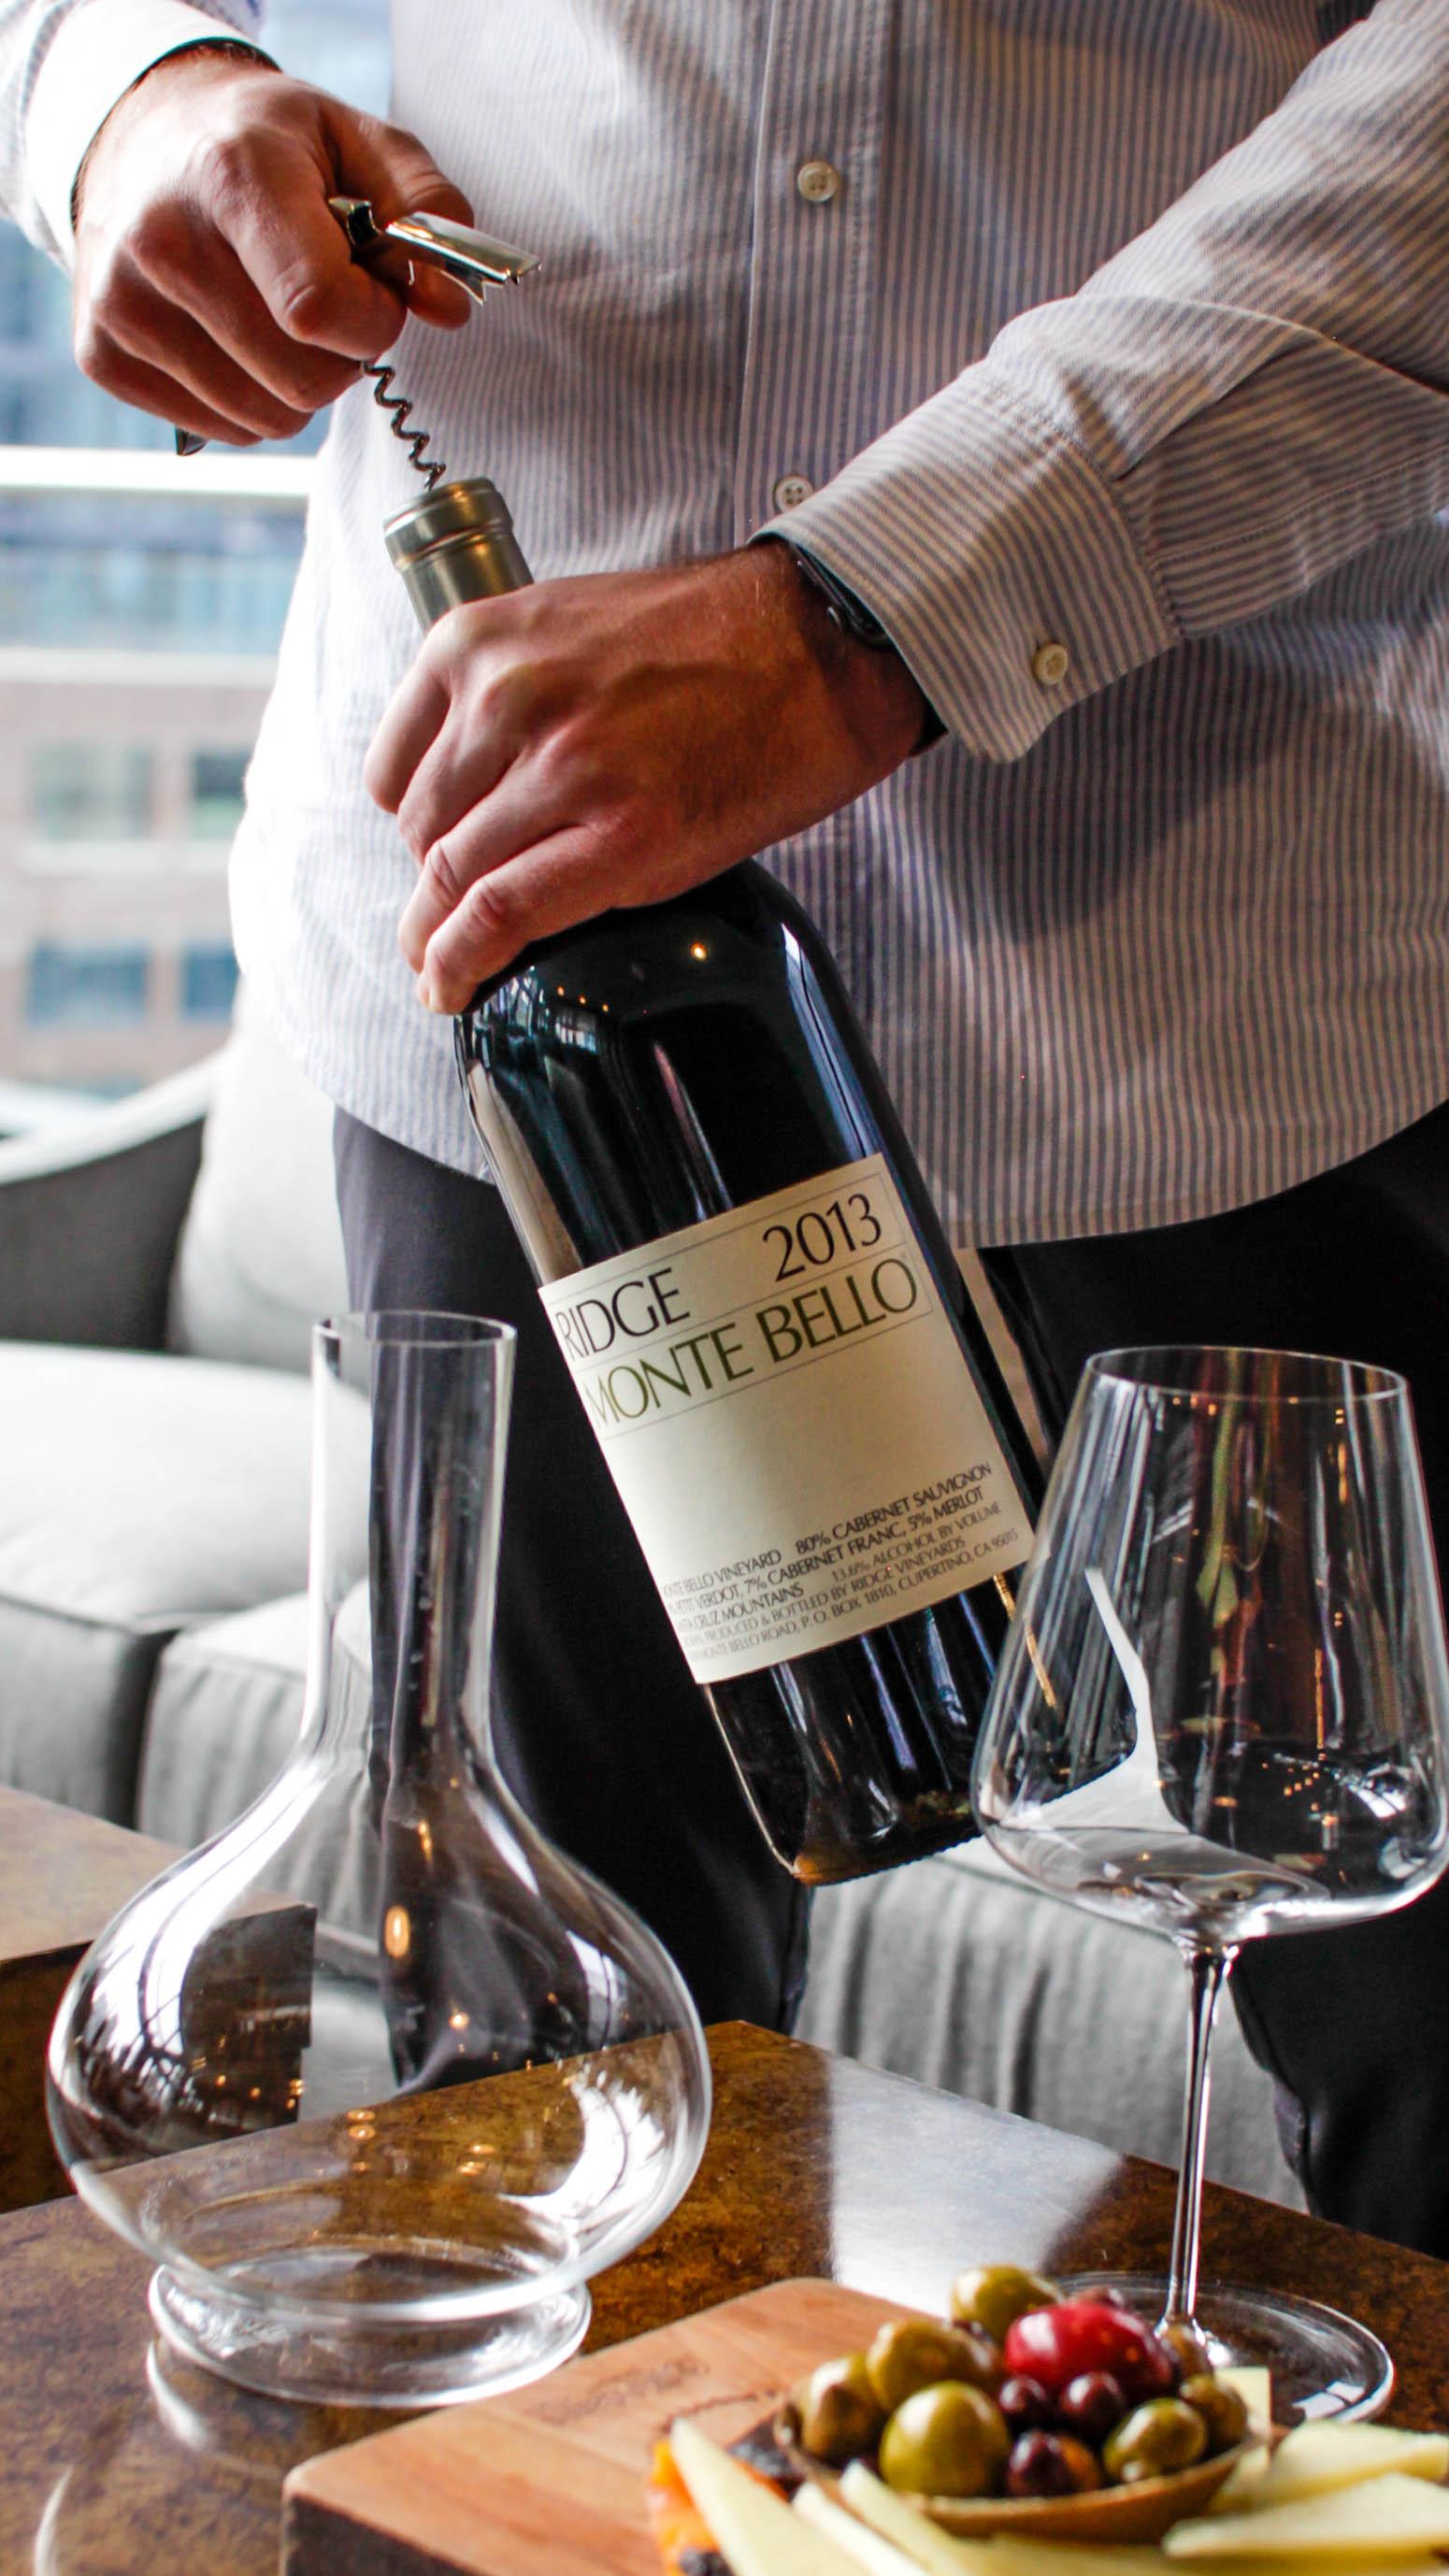 Ridge Monte Bello Wine Photography